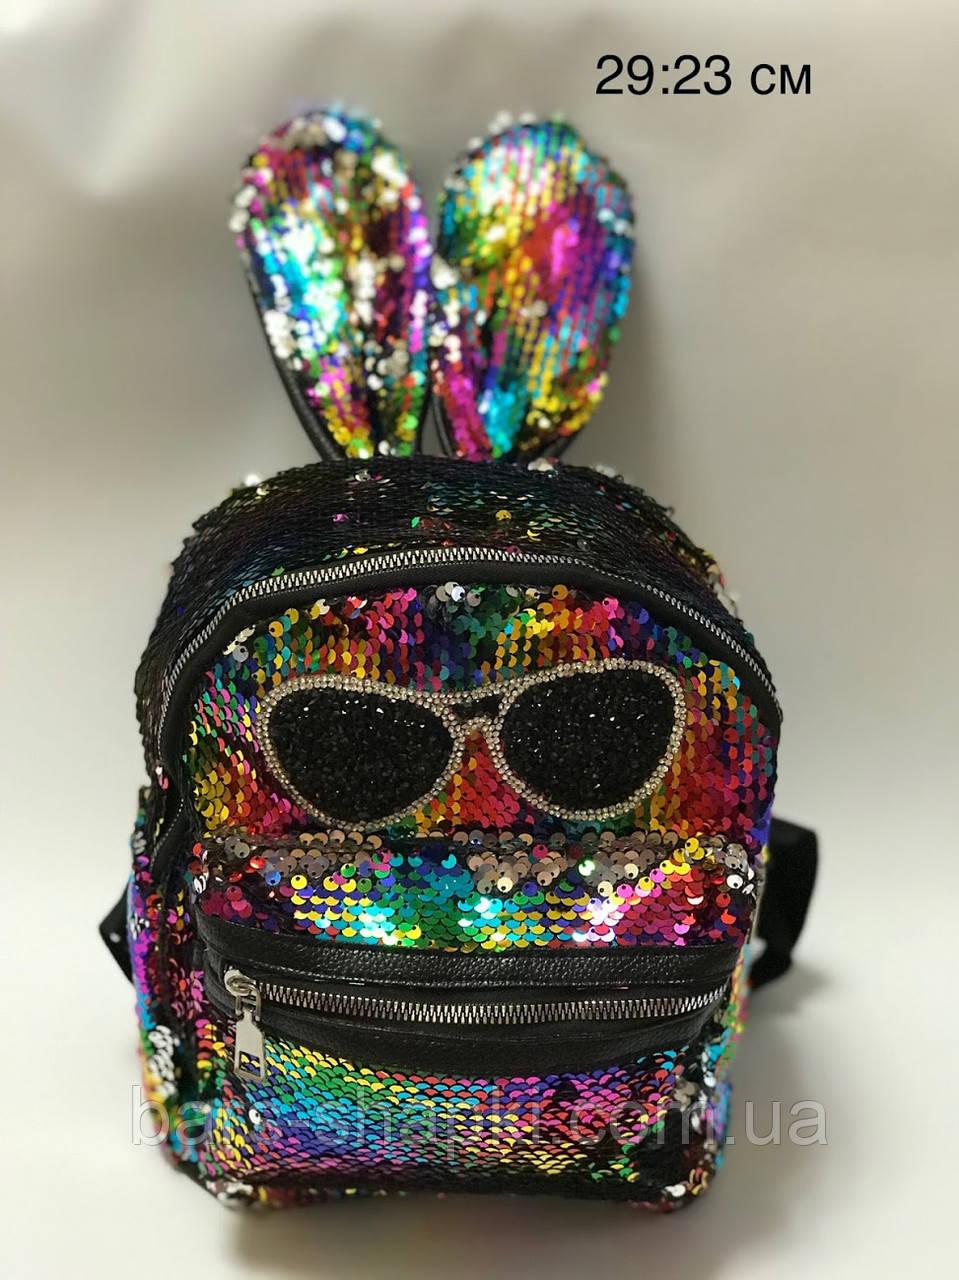 Детский рюкзак с ушками, паетками перевертышами, с подкладкой. Есть опт.